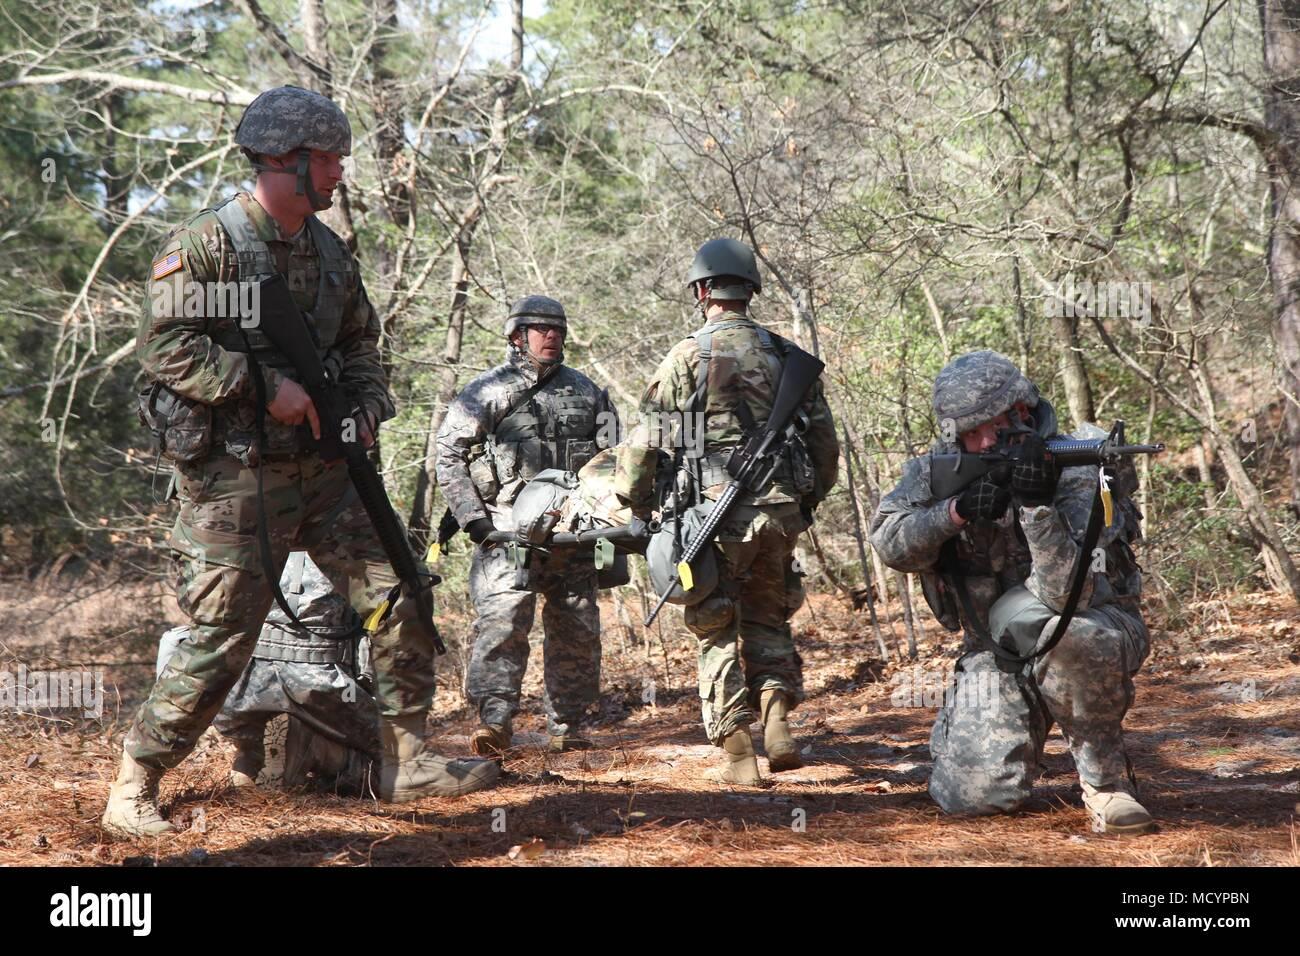 Berühmt Uns Armee Infanterie Fortsetzen Bilder - Entry Level Resume ...